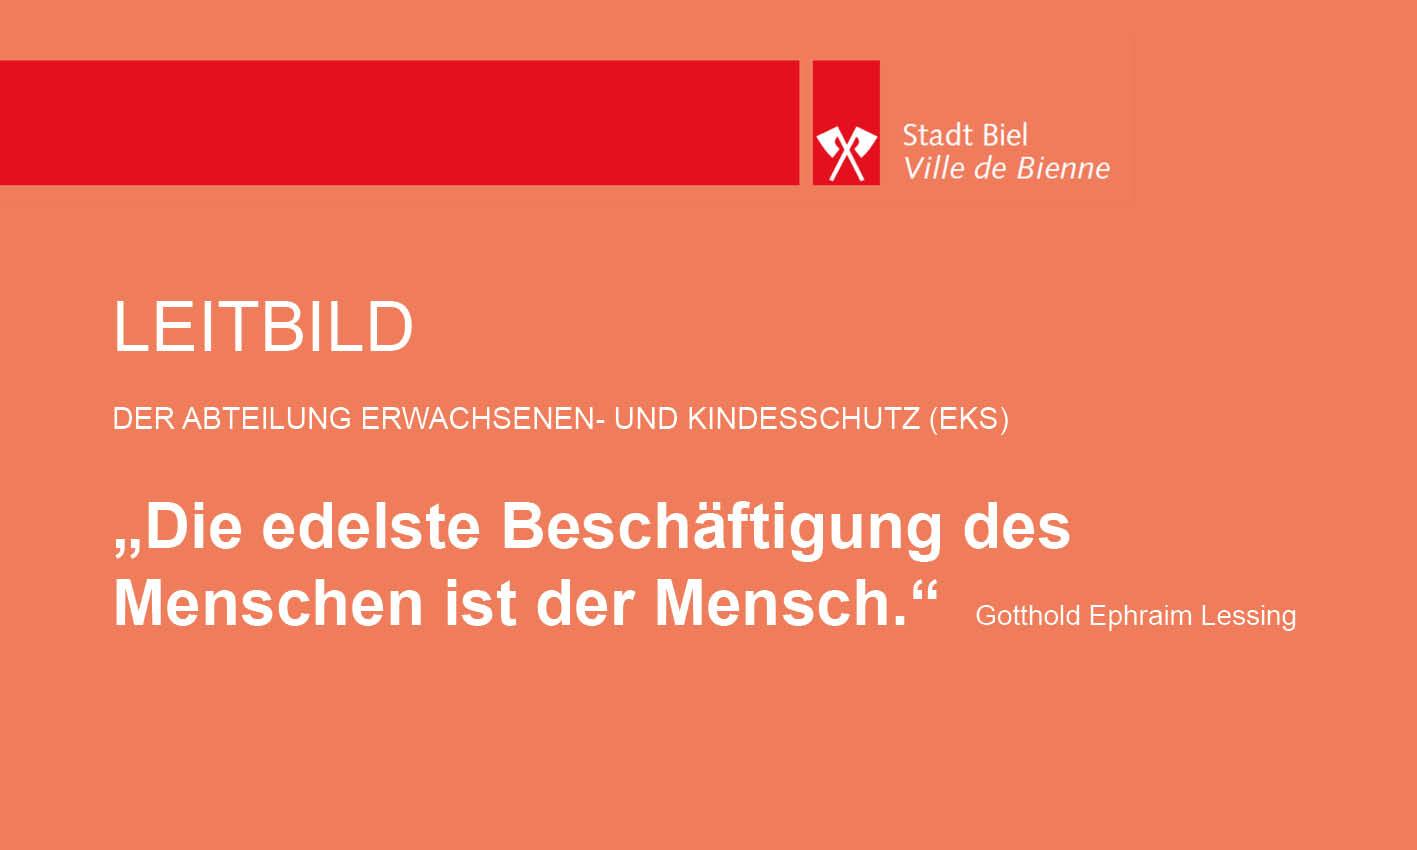 Interview mit Bruno Bianchet, Leiter Abteilung Erwachsenen- und Kindesschutz der Stadt Biel